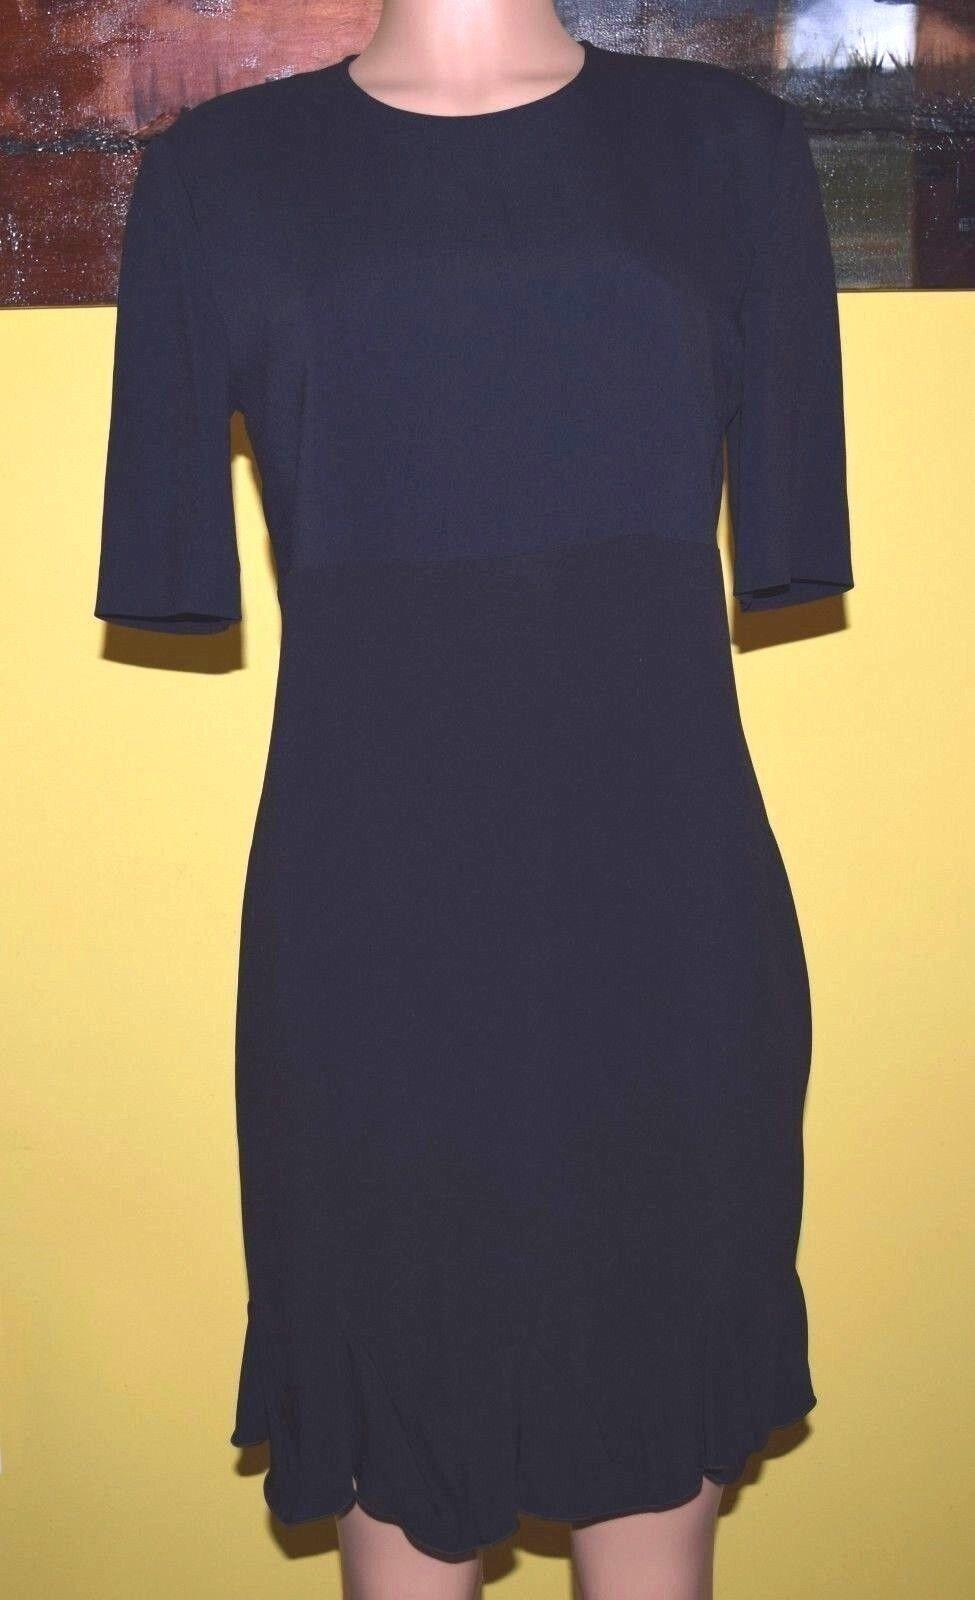 Stella Mccartney Schwarz Blau Rundhals Gerüscht Saum Body-Com Kleid Größe 44